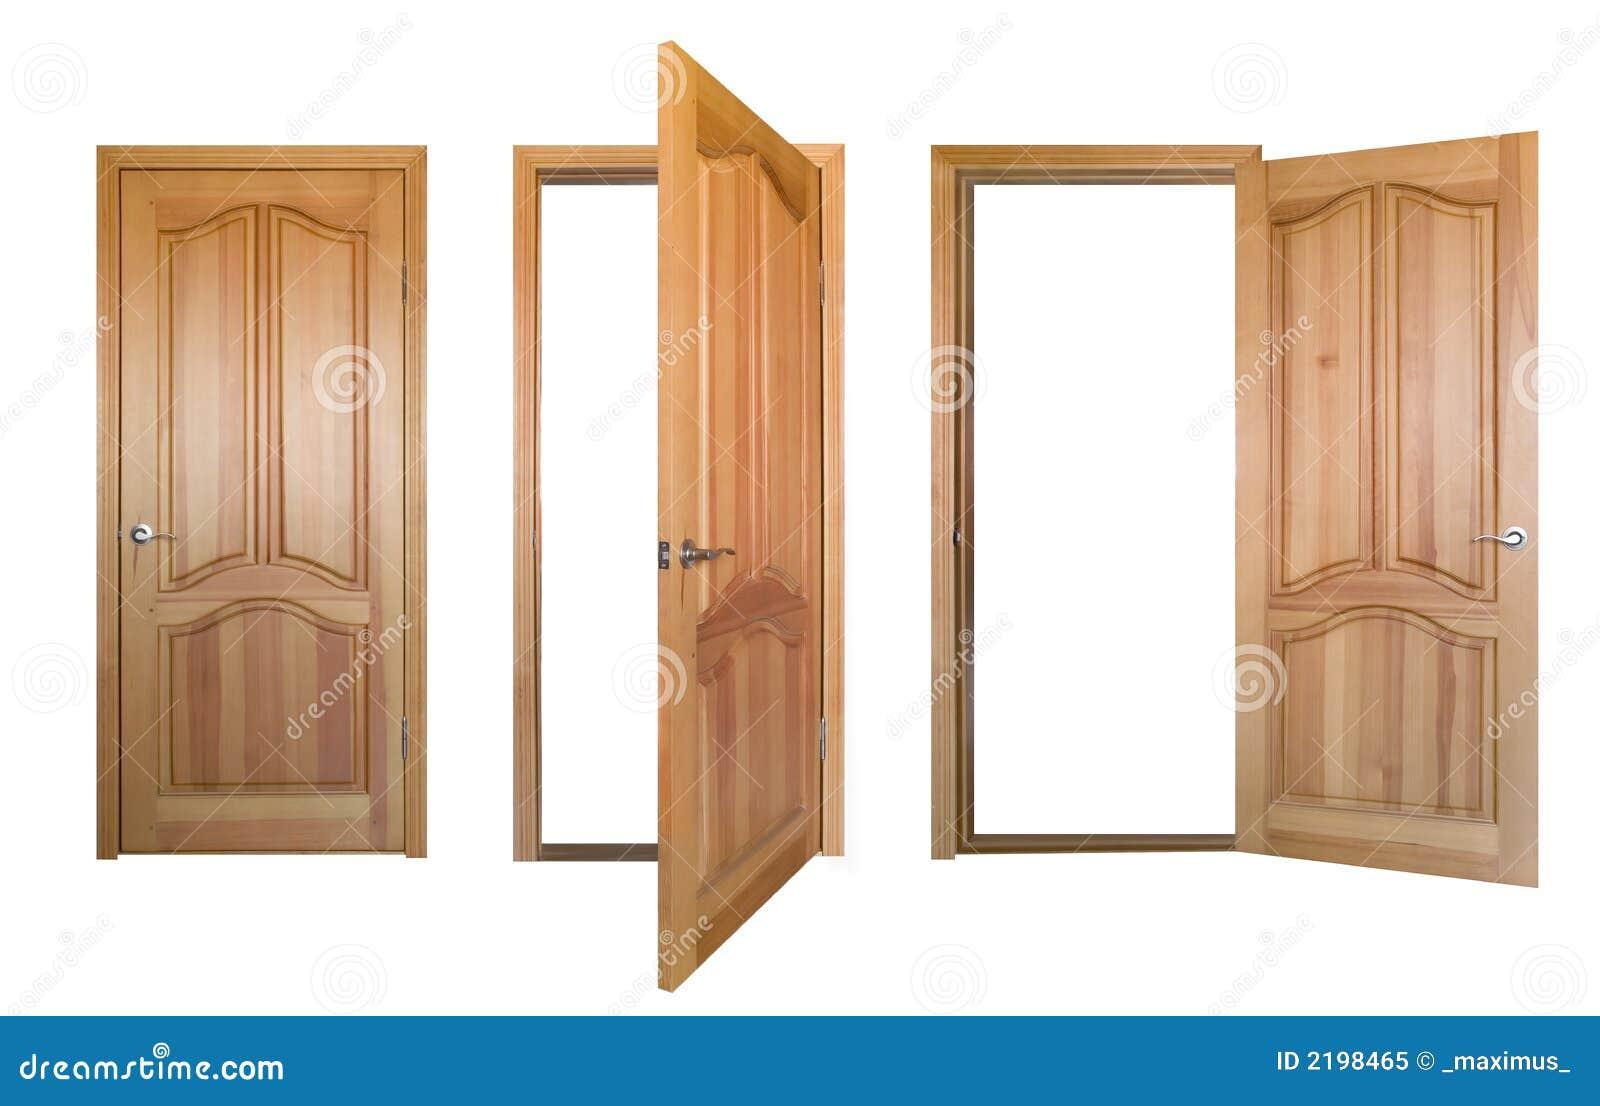 Puertas de madera aisladas foto de archivo libre de - Pueras de madera ...